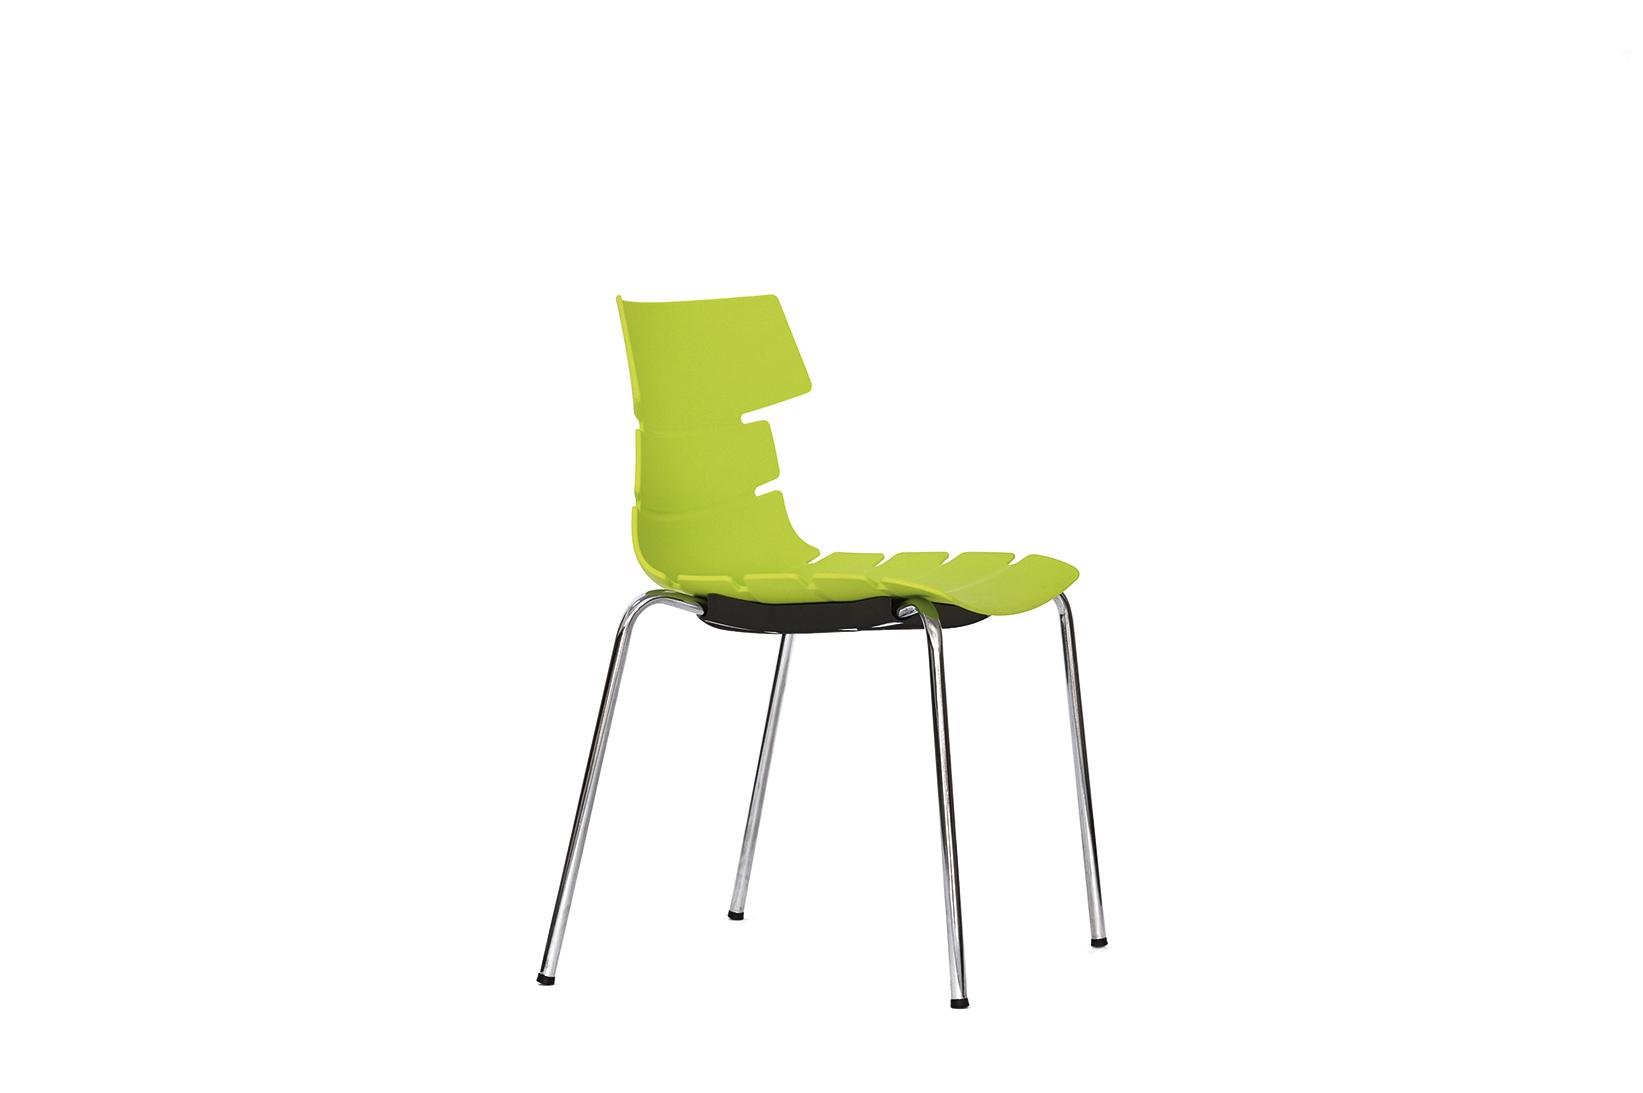 Стул CT-603 лаймОбеденные стулья<br><br><br>Material: Пластик<br>Width см: 58<br>Depth см: 51<br>Height см: 81